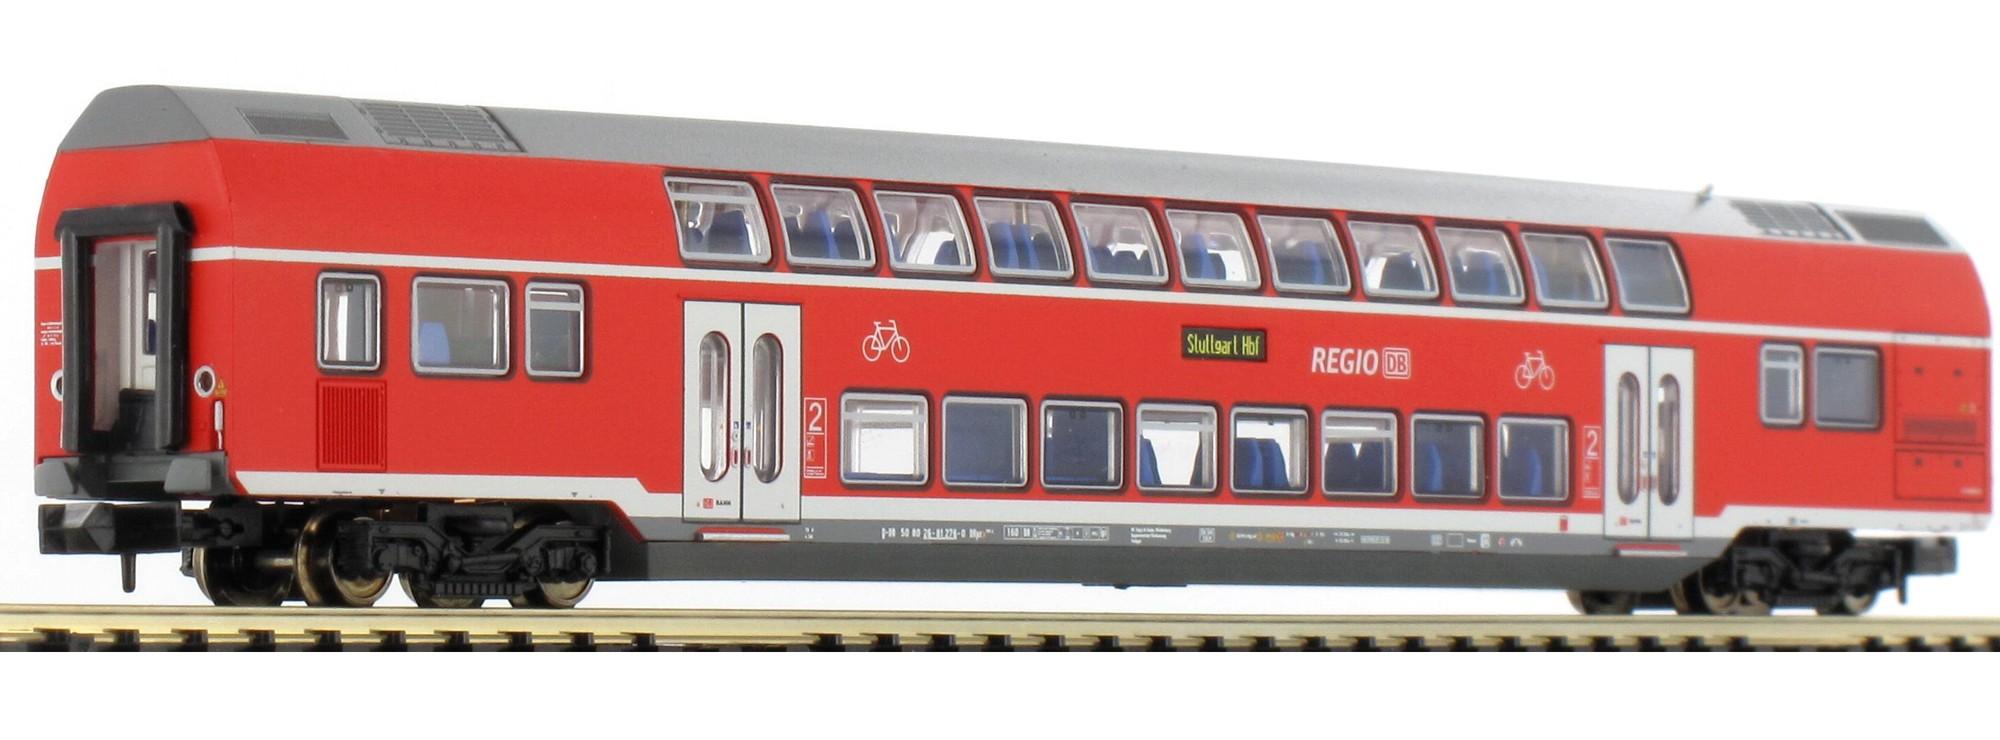 N Scale - Minitrix - 15383 - Passenger Car, DB, Epoch VI - Deutsche Bahn